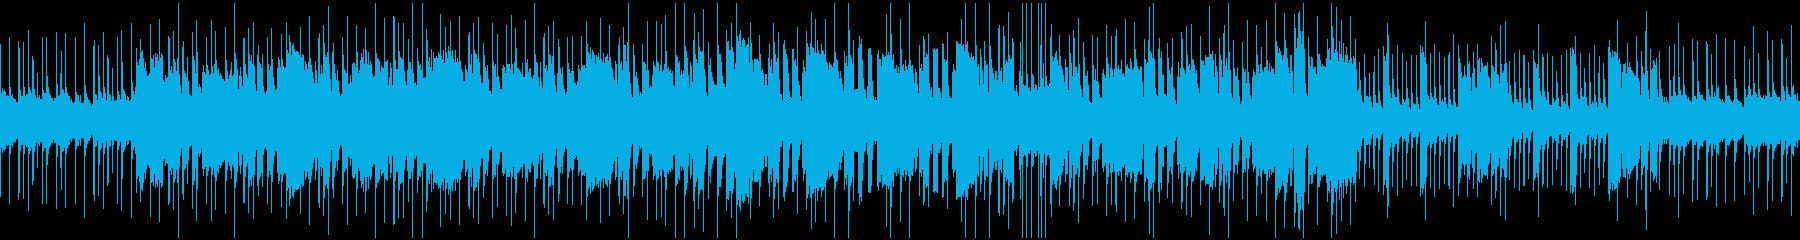 激しいロックのオーソドックスなBGMの再生済みの波形